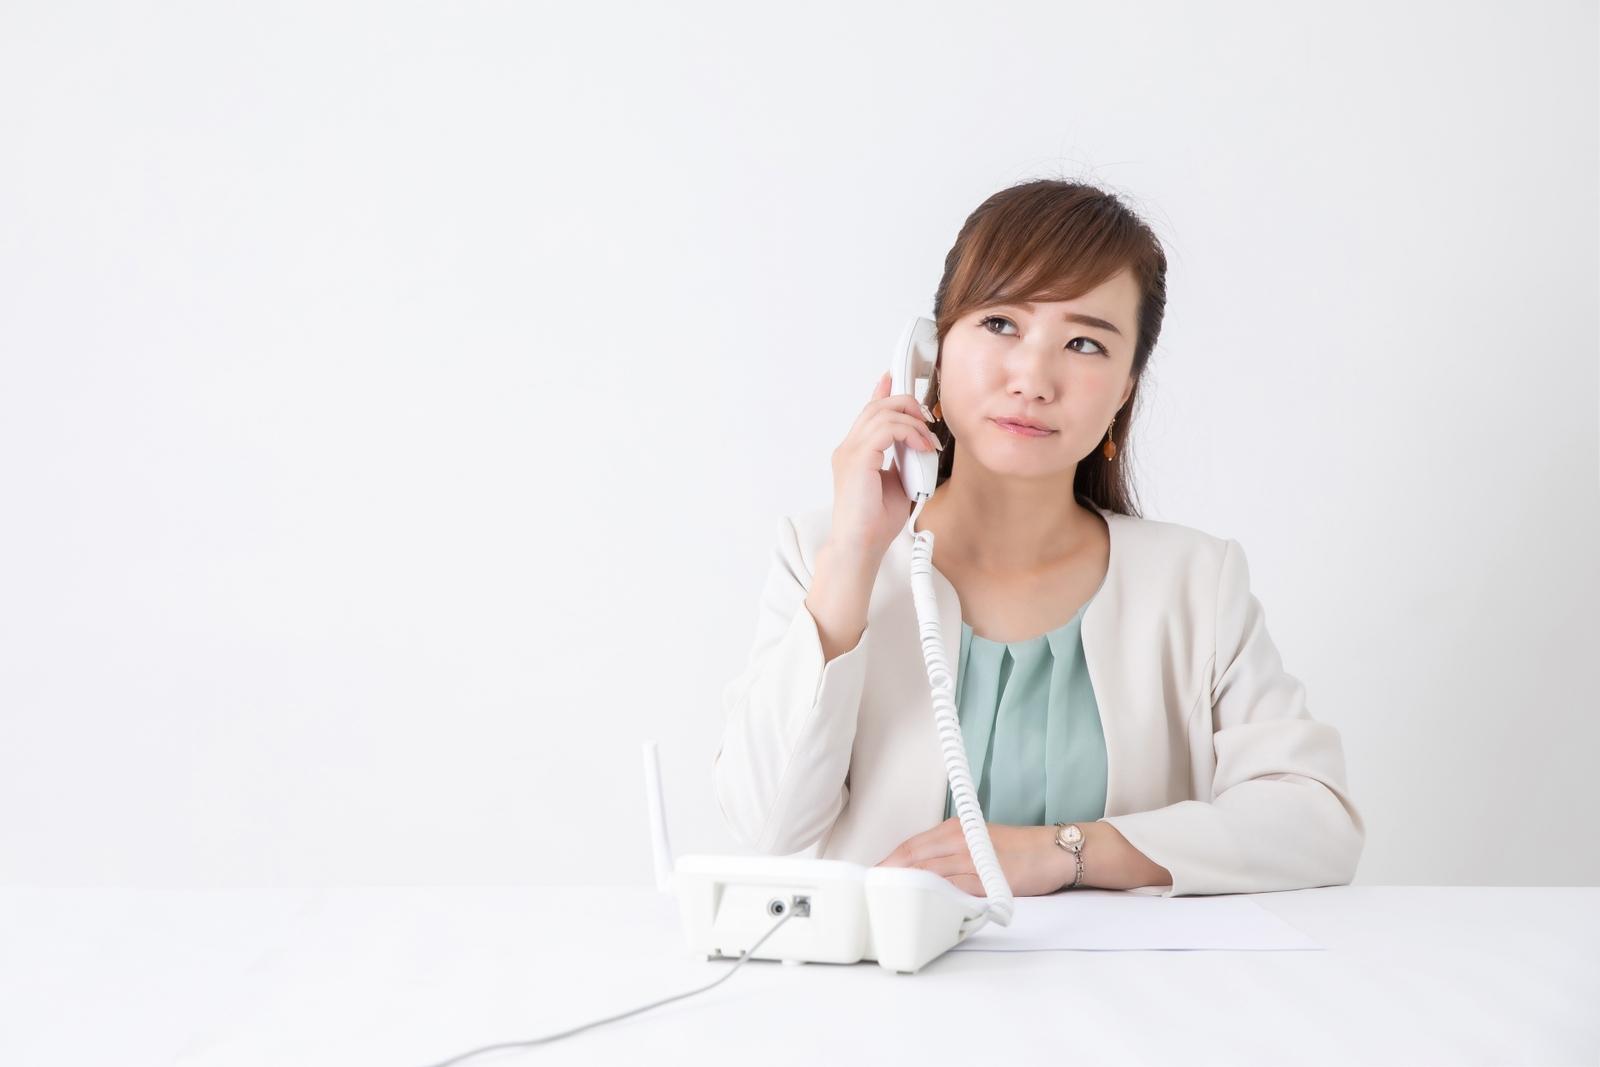 電話で困っている女性の画像